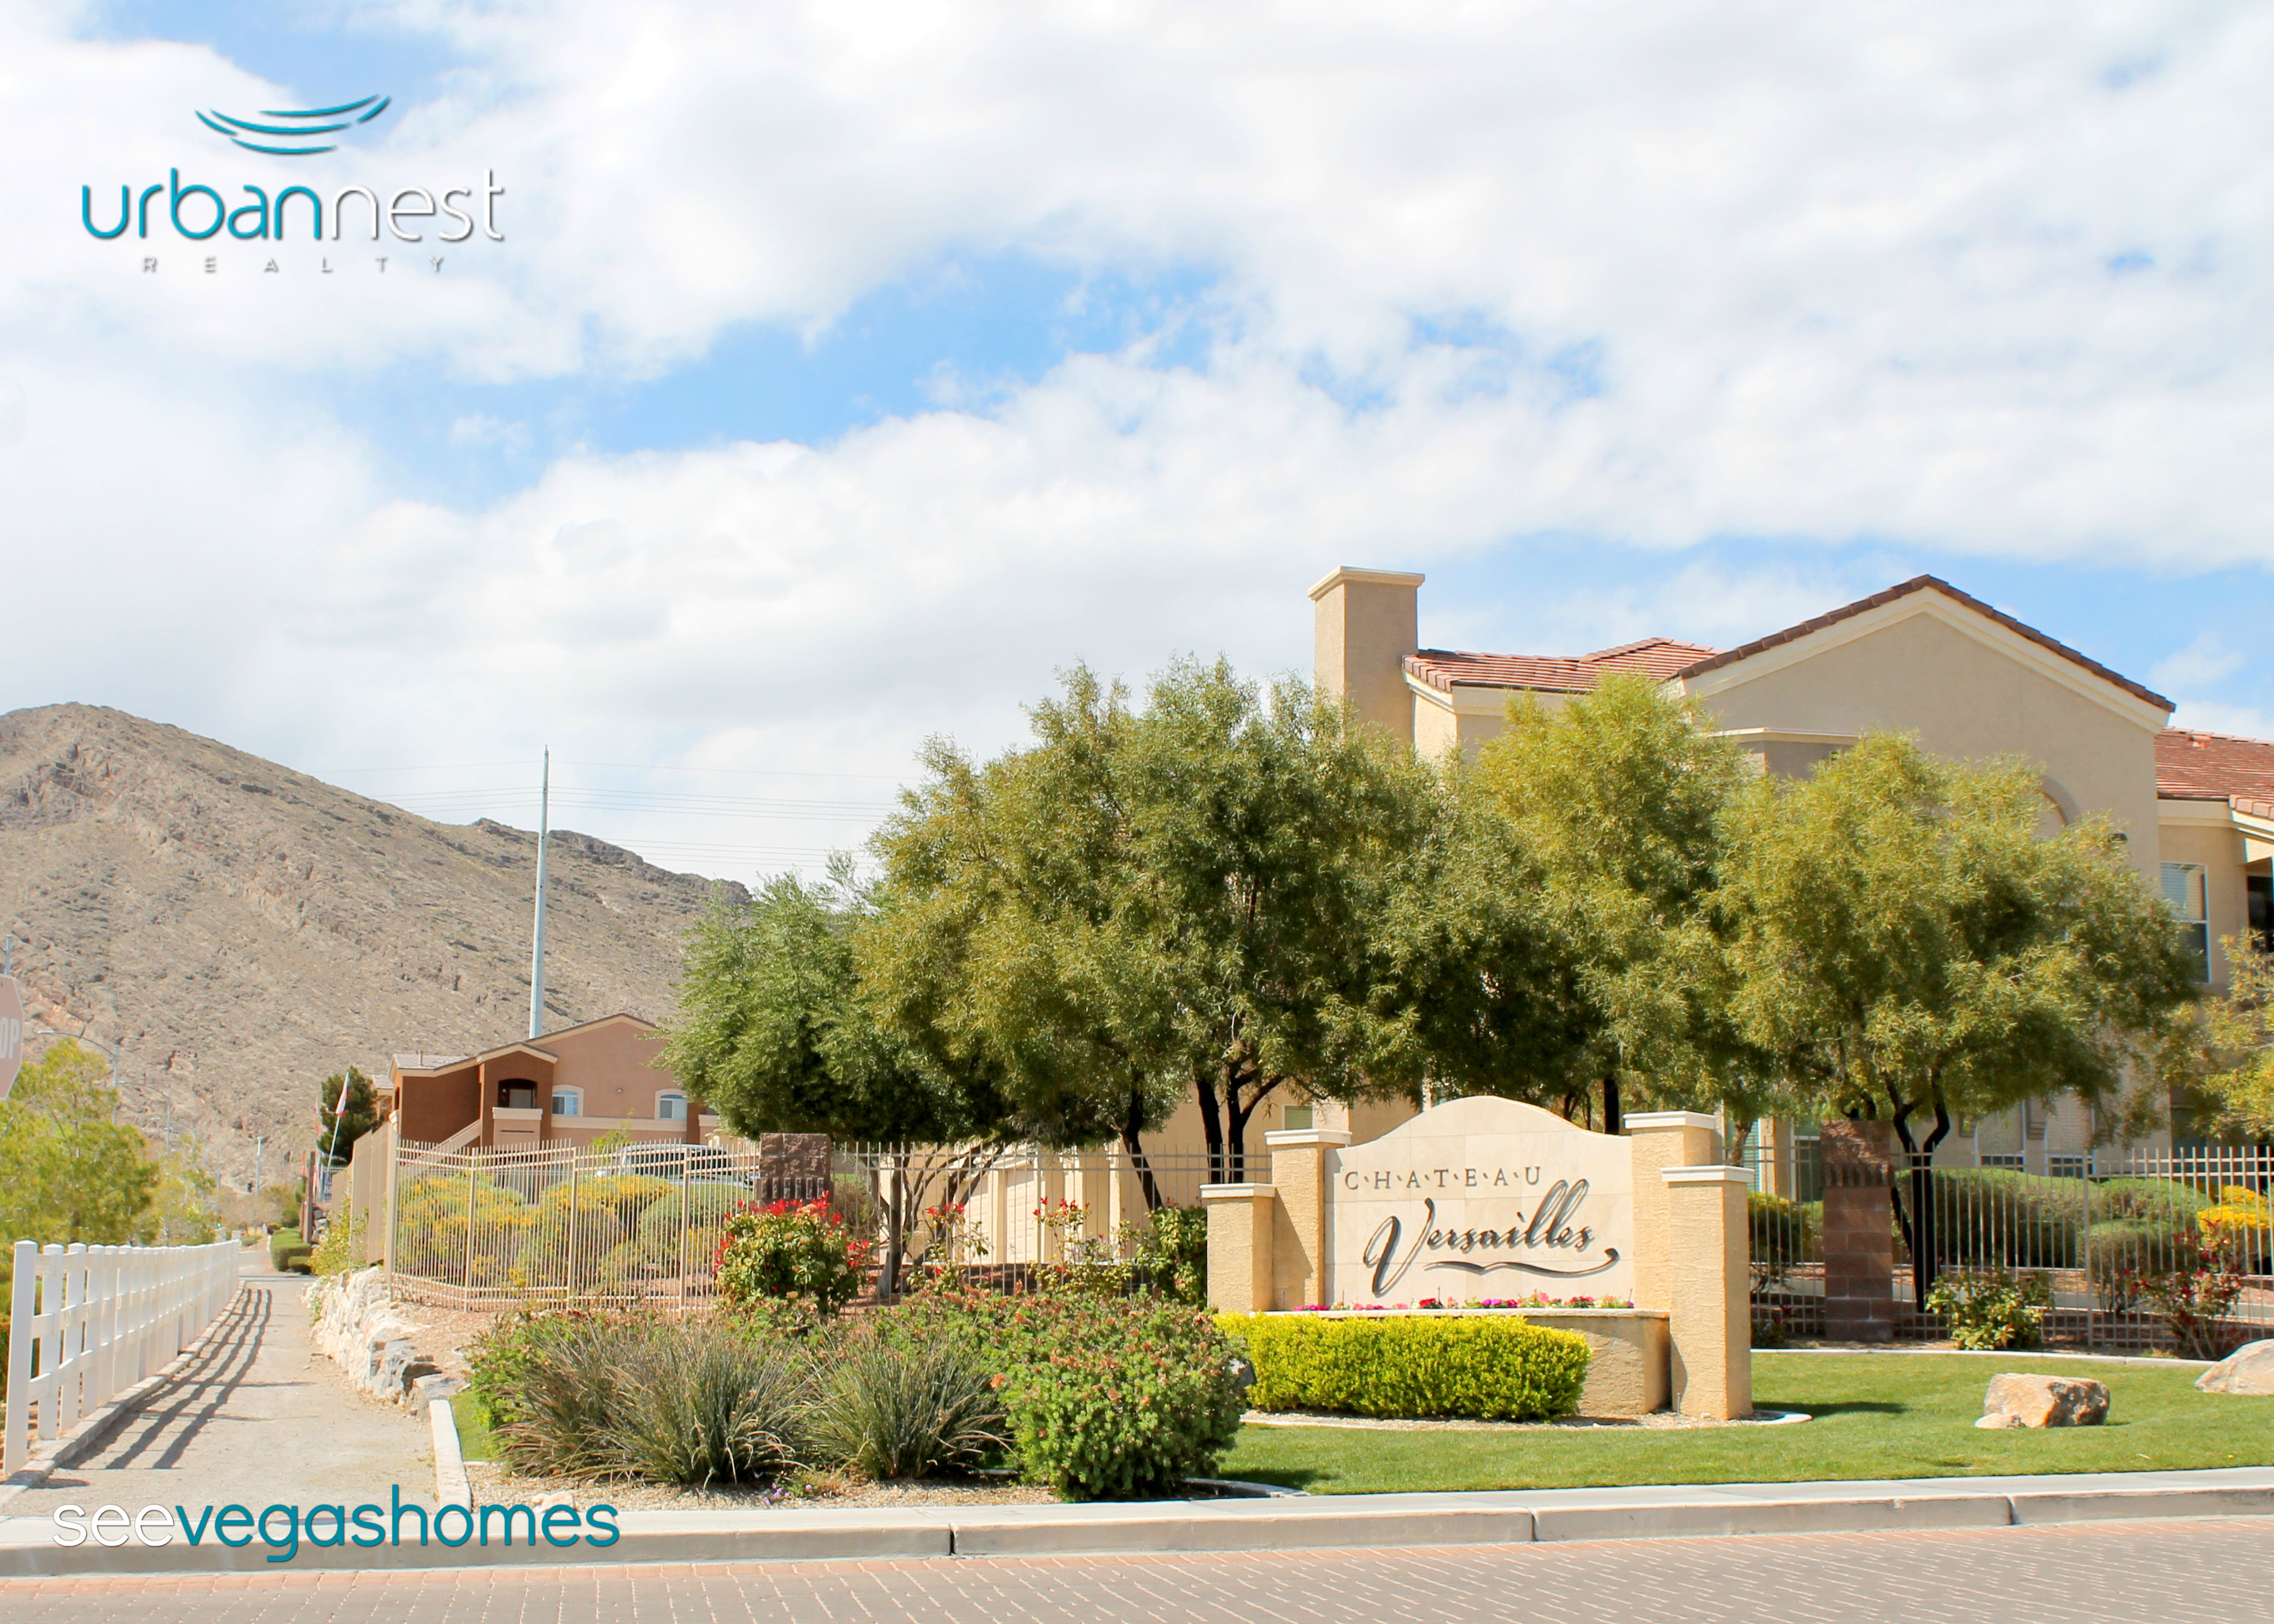 Chateau Versailles Condos Las Vegas NV 89129 SeeVegasHomes